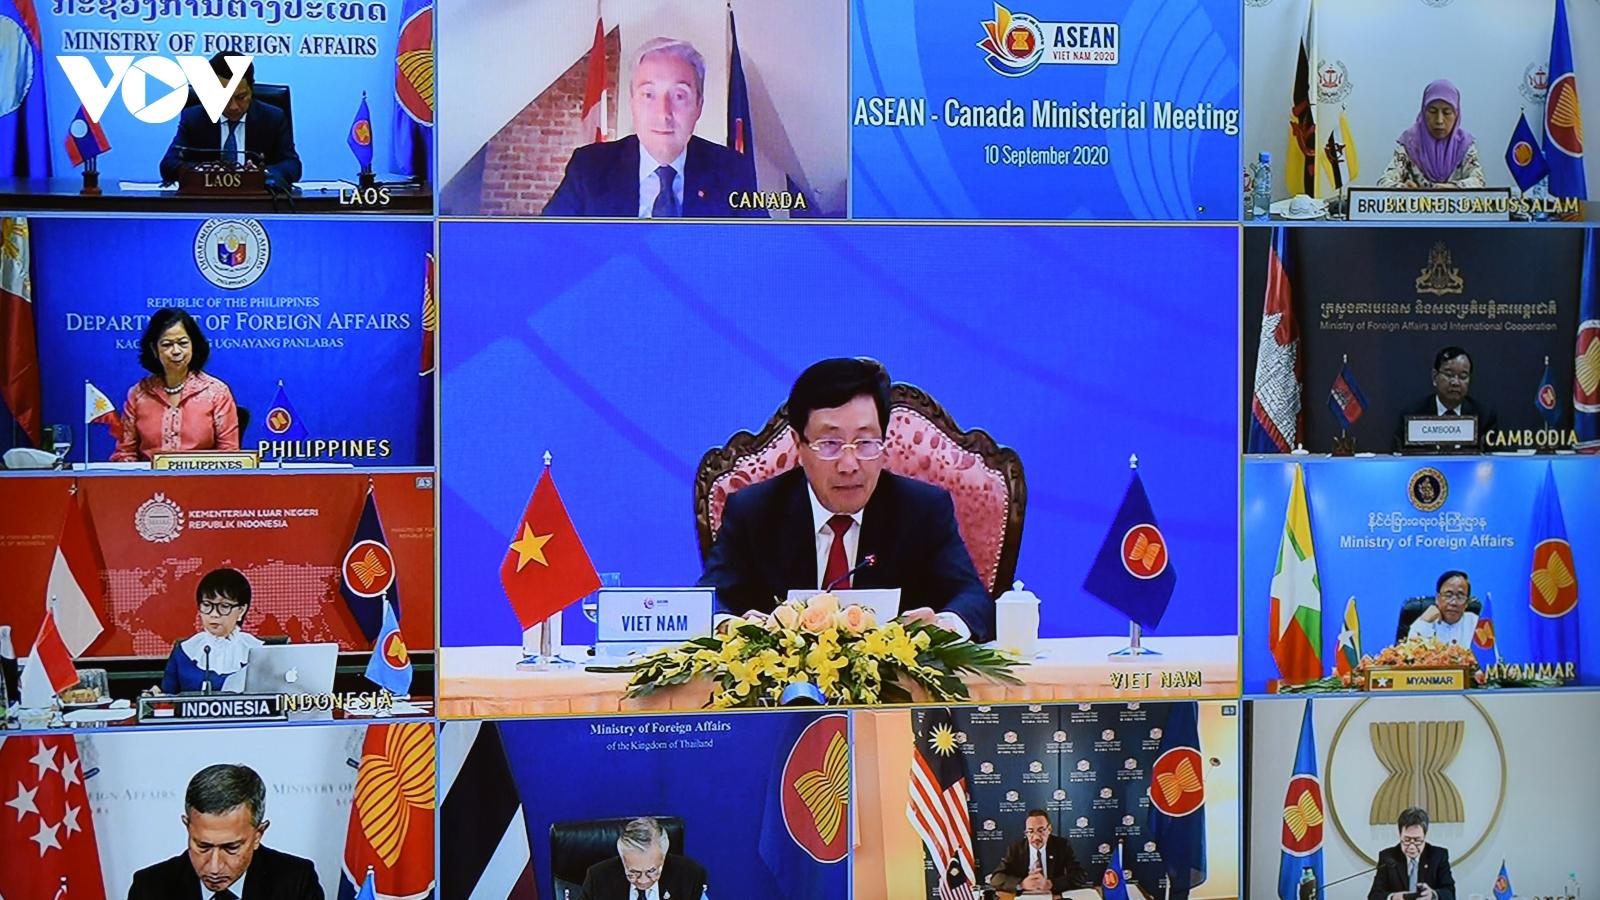 Khâu tổ chức các hội nghị trực tuyến ASEAN của Việt Nam được đánh giá cao